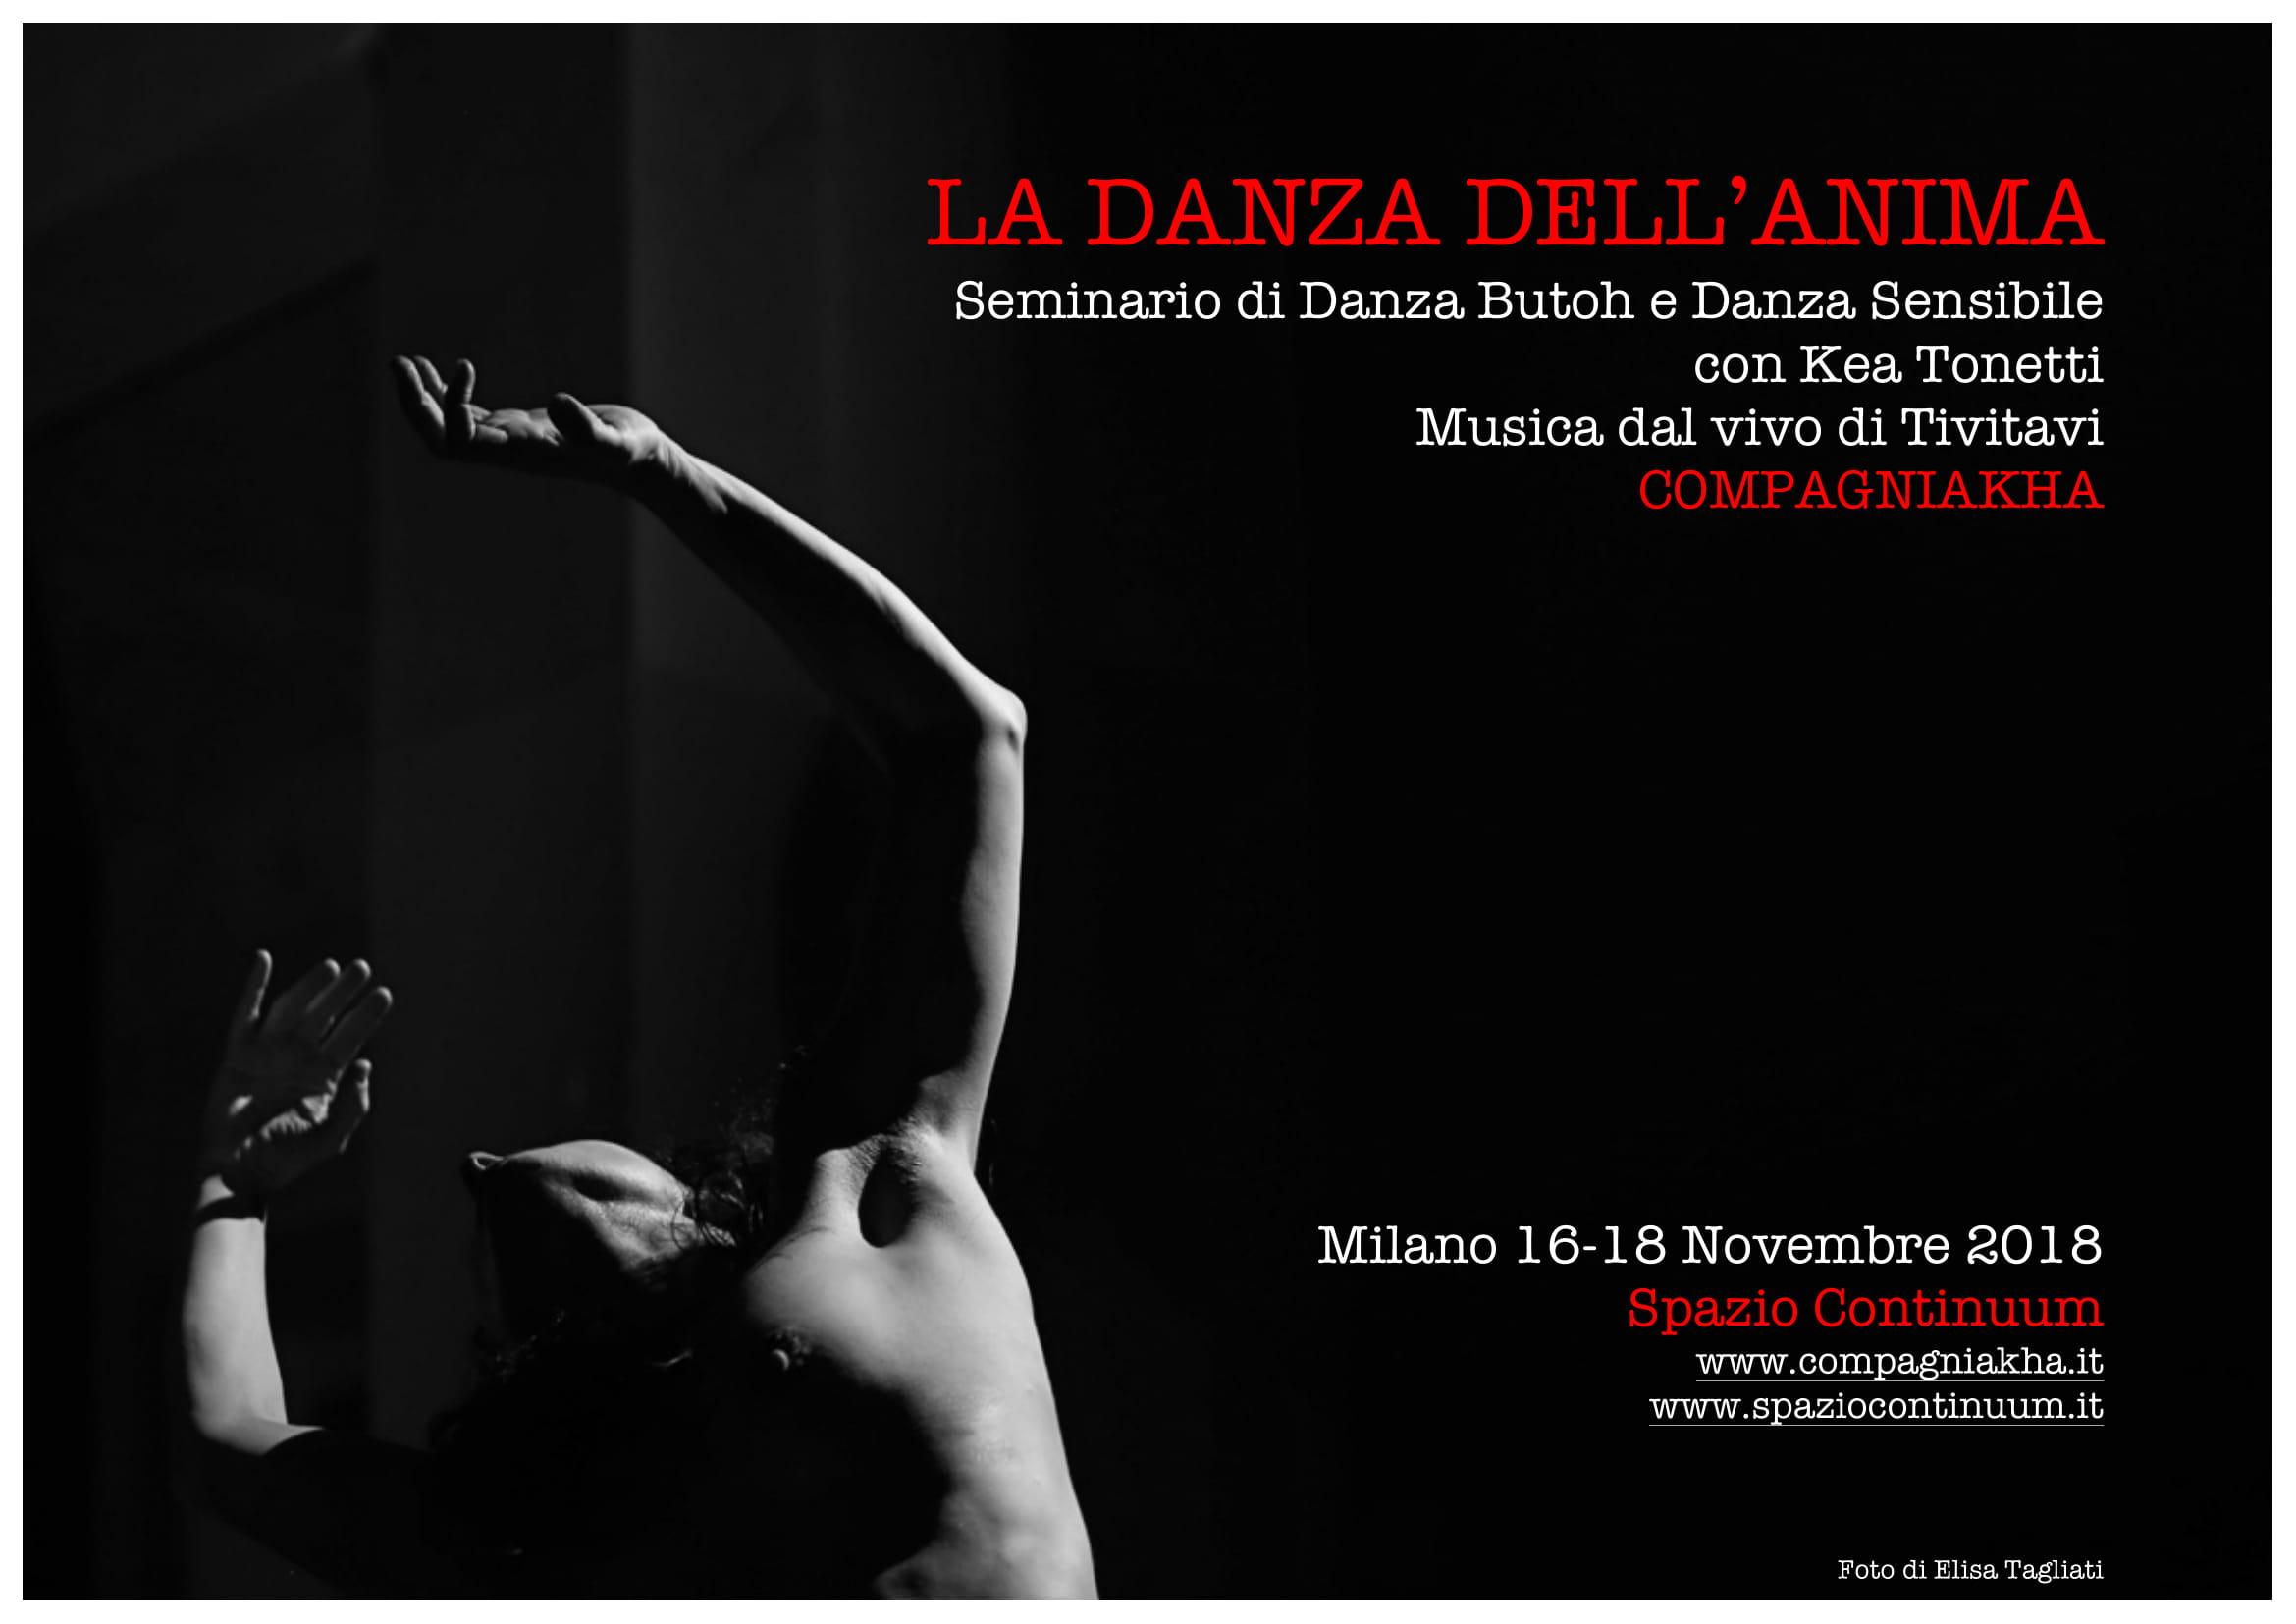 LA DANZA DELL'ANIMA seminario di Danza Butoh e Danza Sensibile – Milano